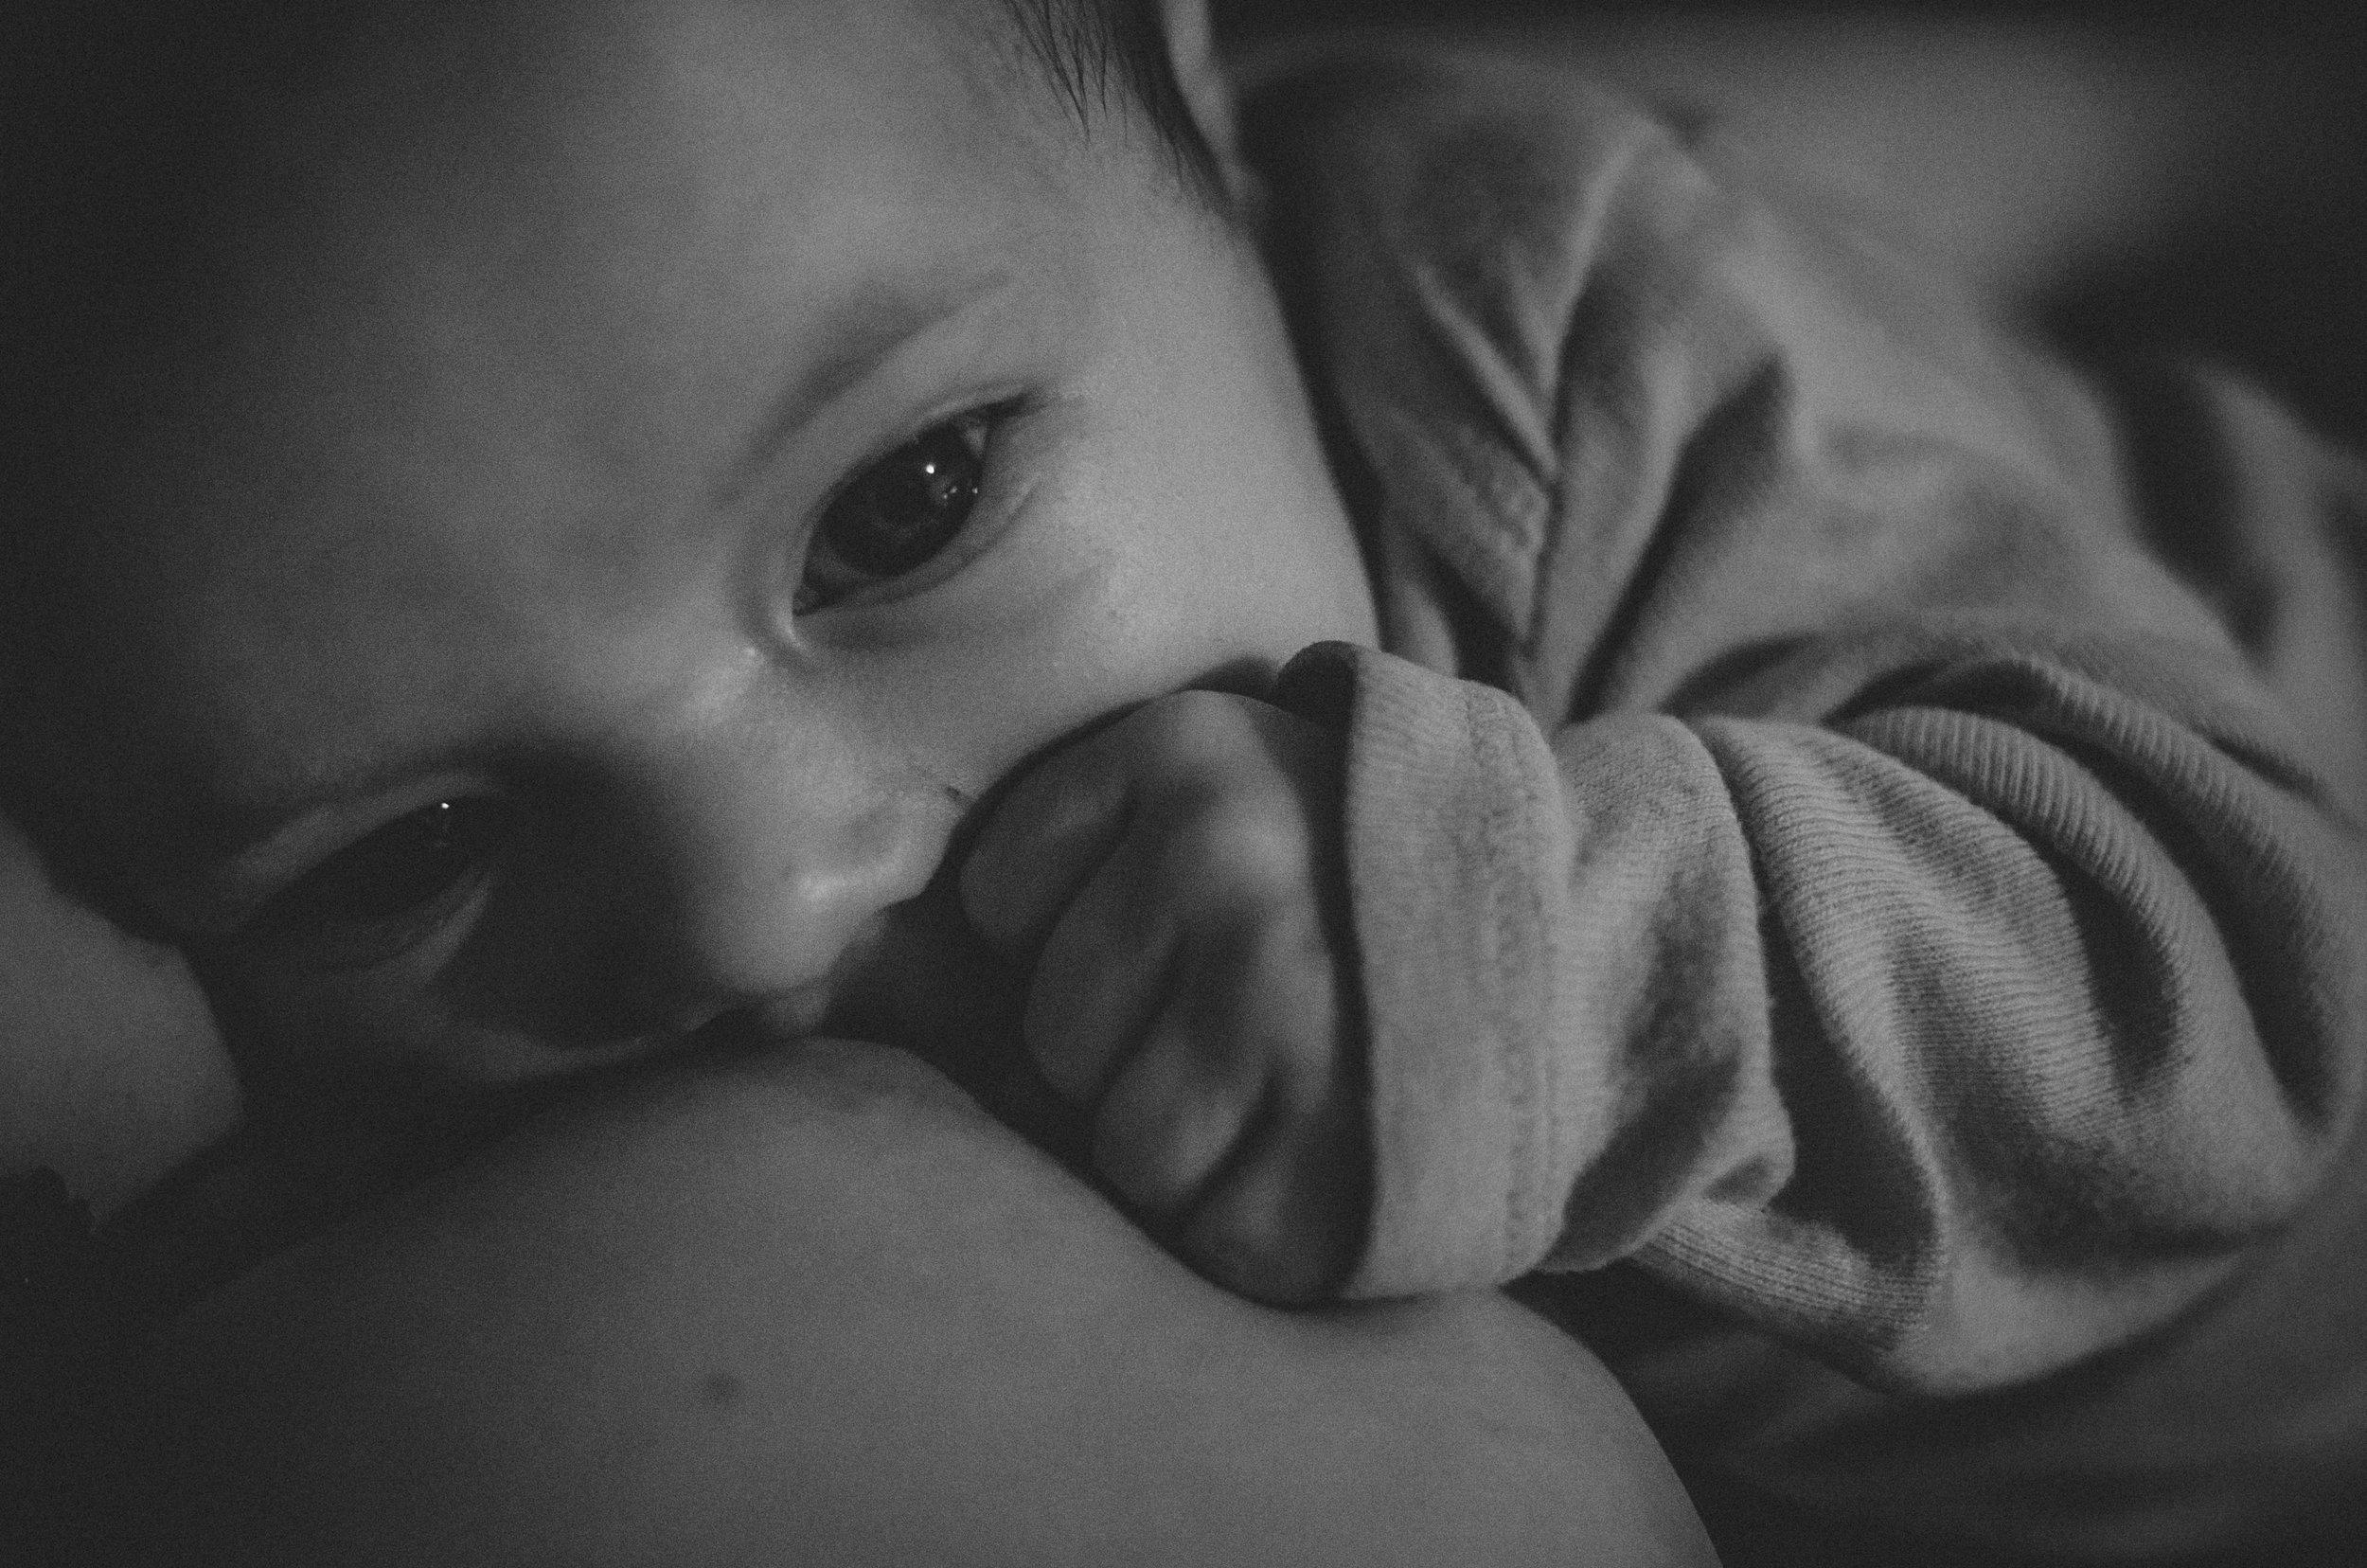 breastfeeding bond, real life mom photo